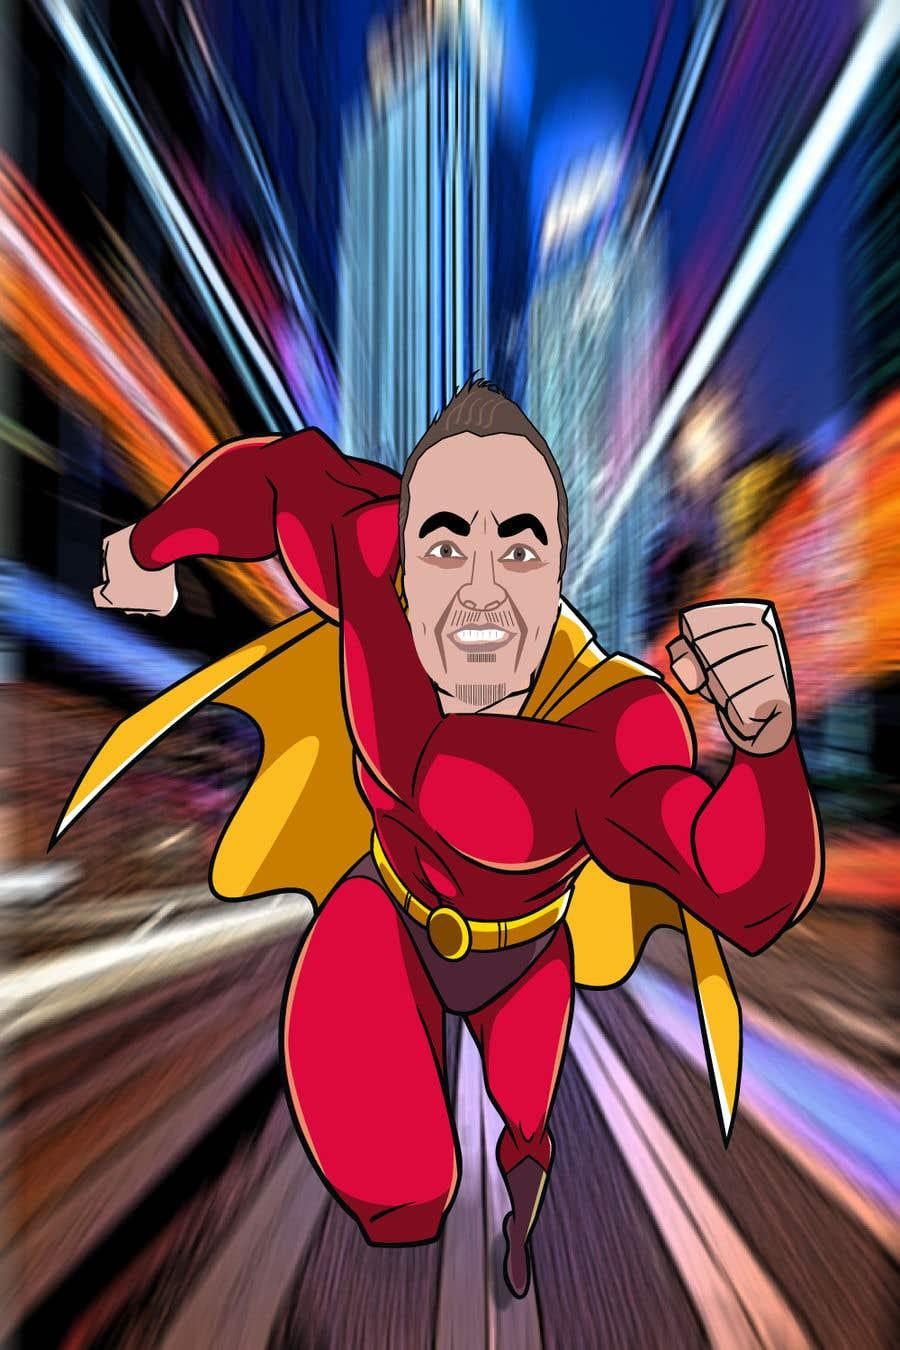 Penyertaan Peraduan #                                        53                                      untuk                                         SUPERHERO - Convert photo to superhero image